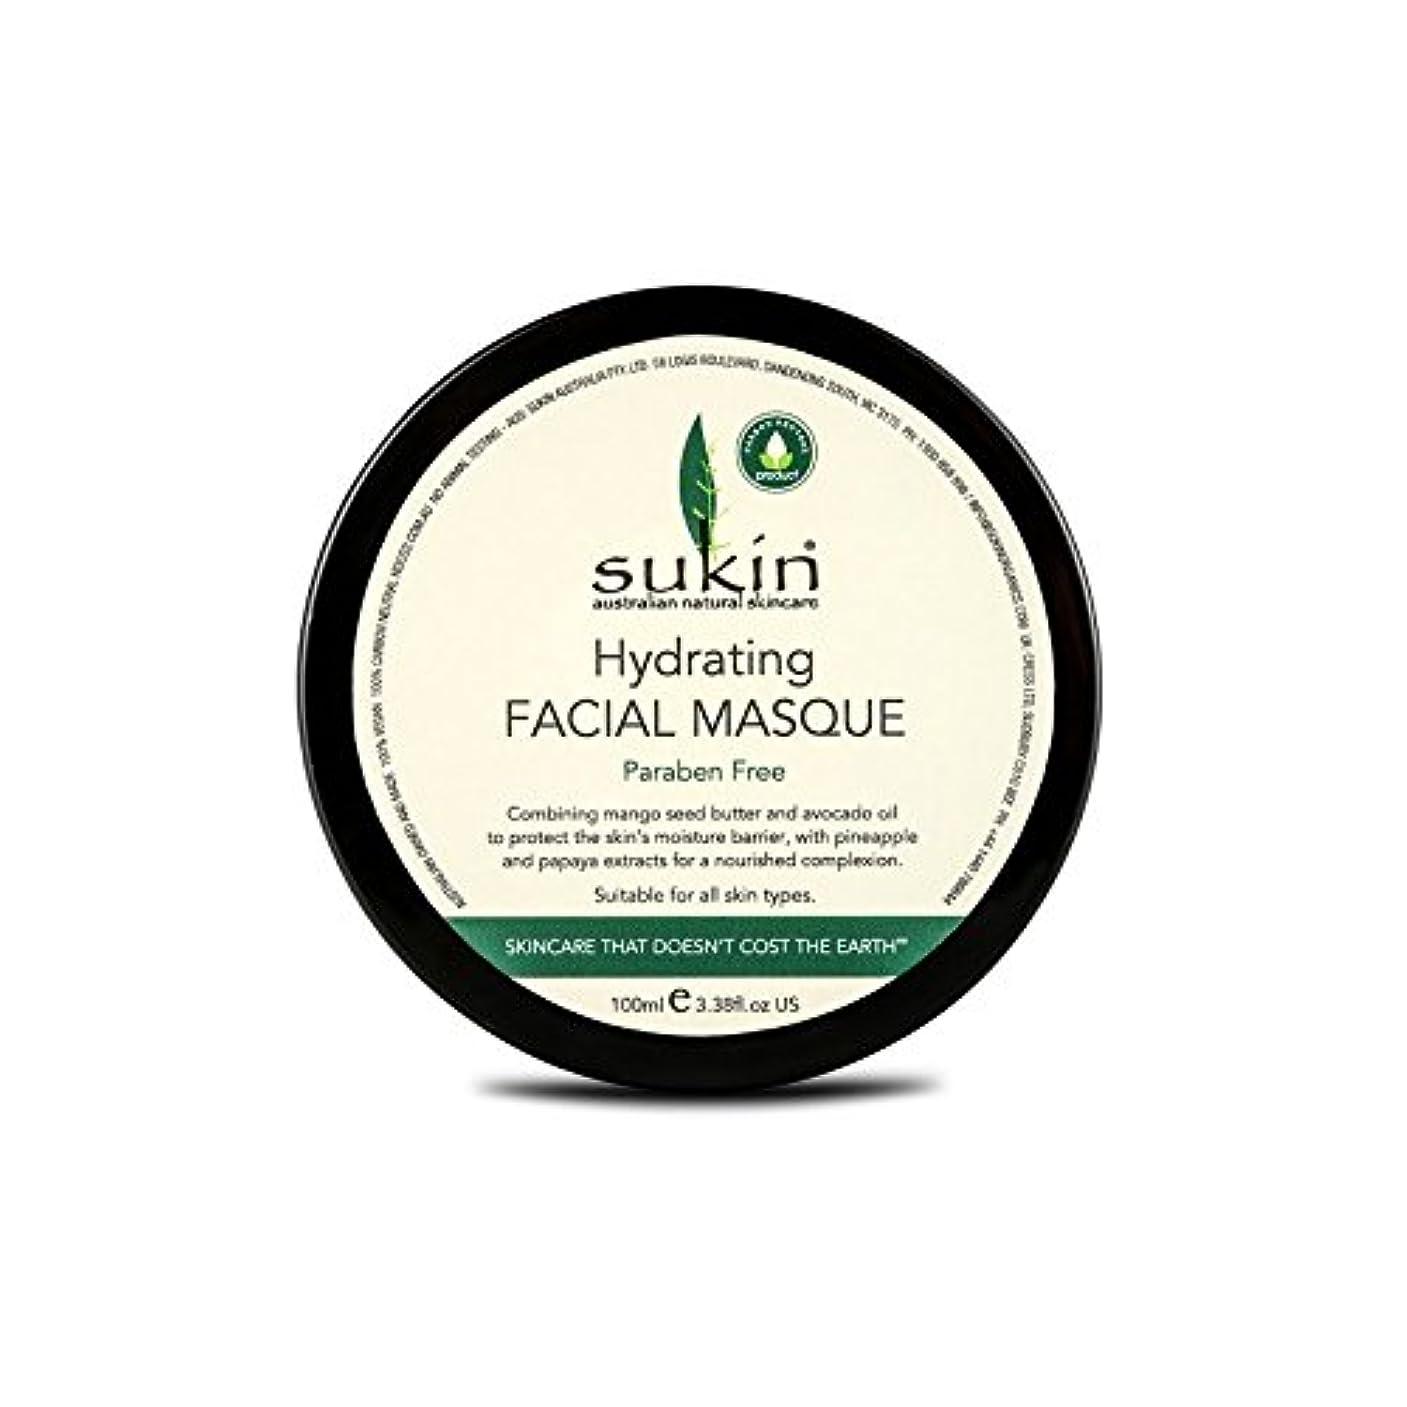 心のこもった目を覚ますミトンSukin Hydrating Facial Masque 100ml (Pack of 6) - 水和顔の仮面劇の100ミリリットルを x6 [並行輸入品]